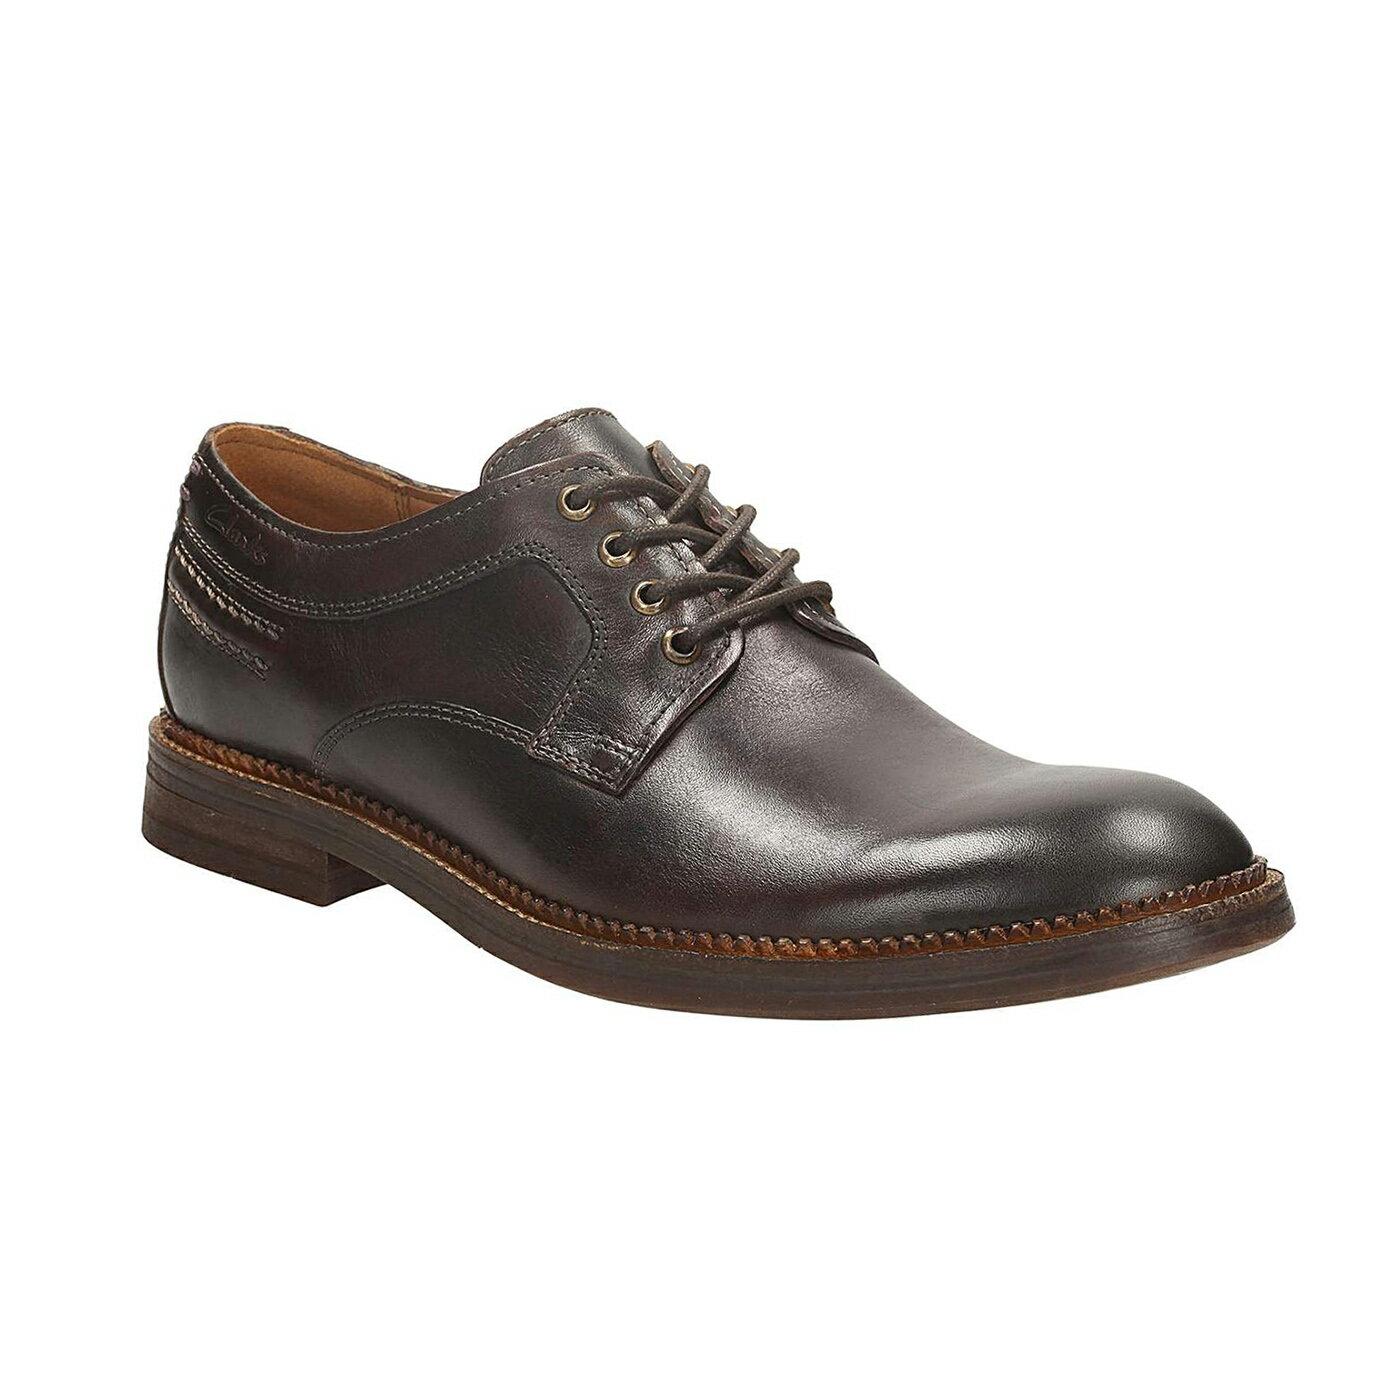 美國百分百【Clarks】Bushwick Dal 皮鞋 休閒 鞋子 沙漠靴 克拉克 英倫 男 深咖啡 8號 G268